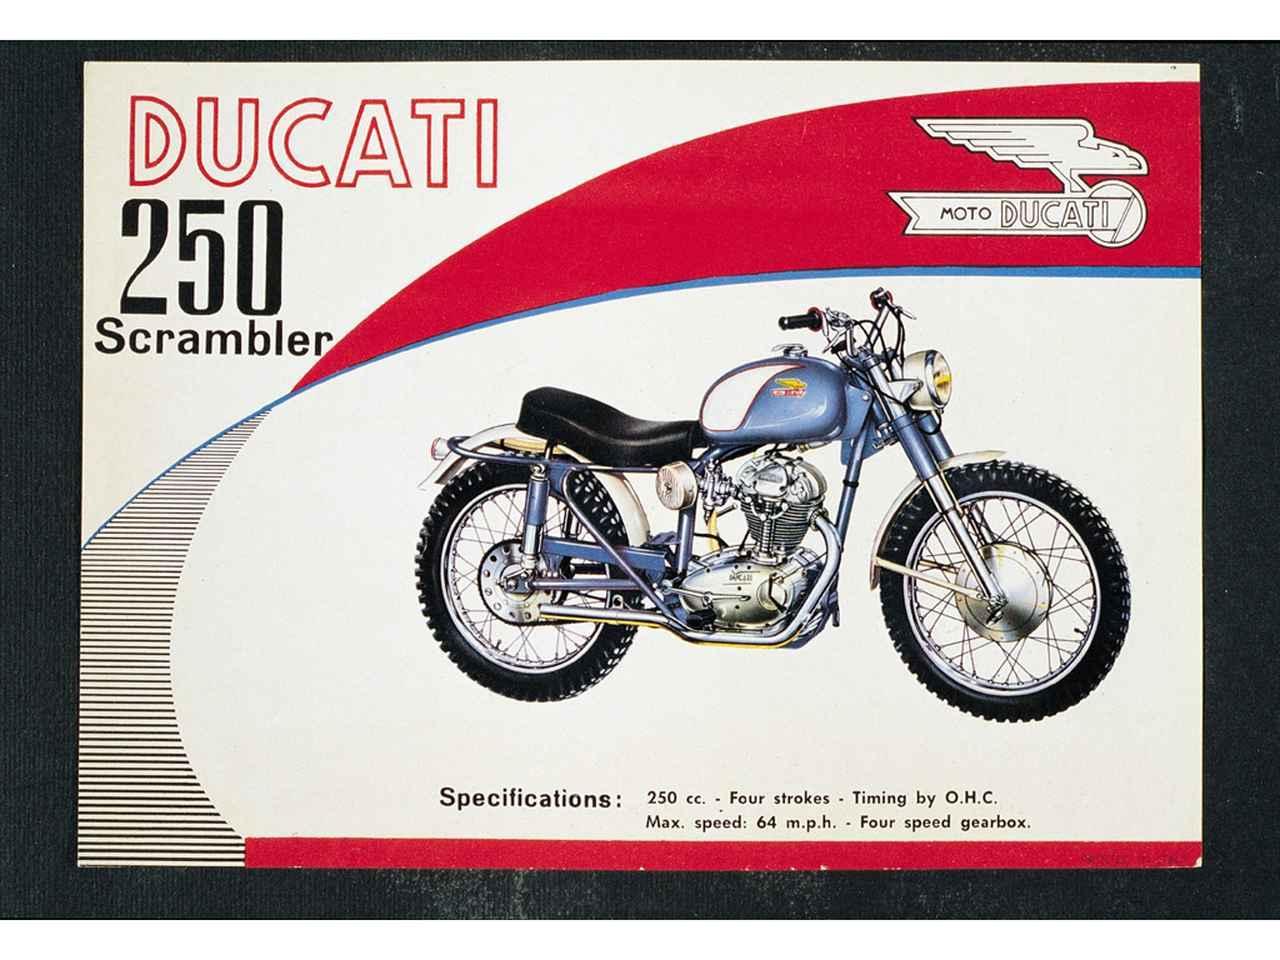 画像: アメリカでのみ販売されていたモデルで、1962年にスクランブラーを名乗った最初の一台が、このスクランブラー250。